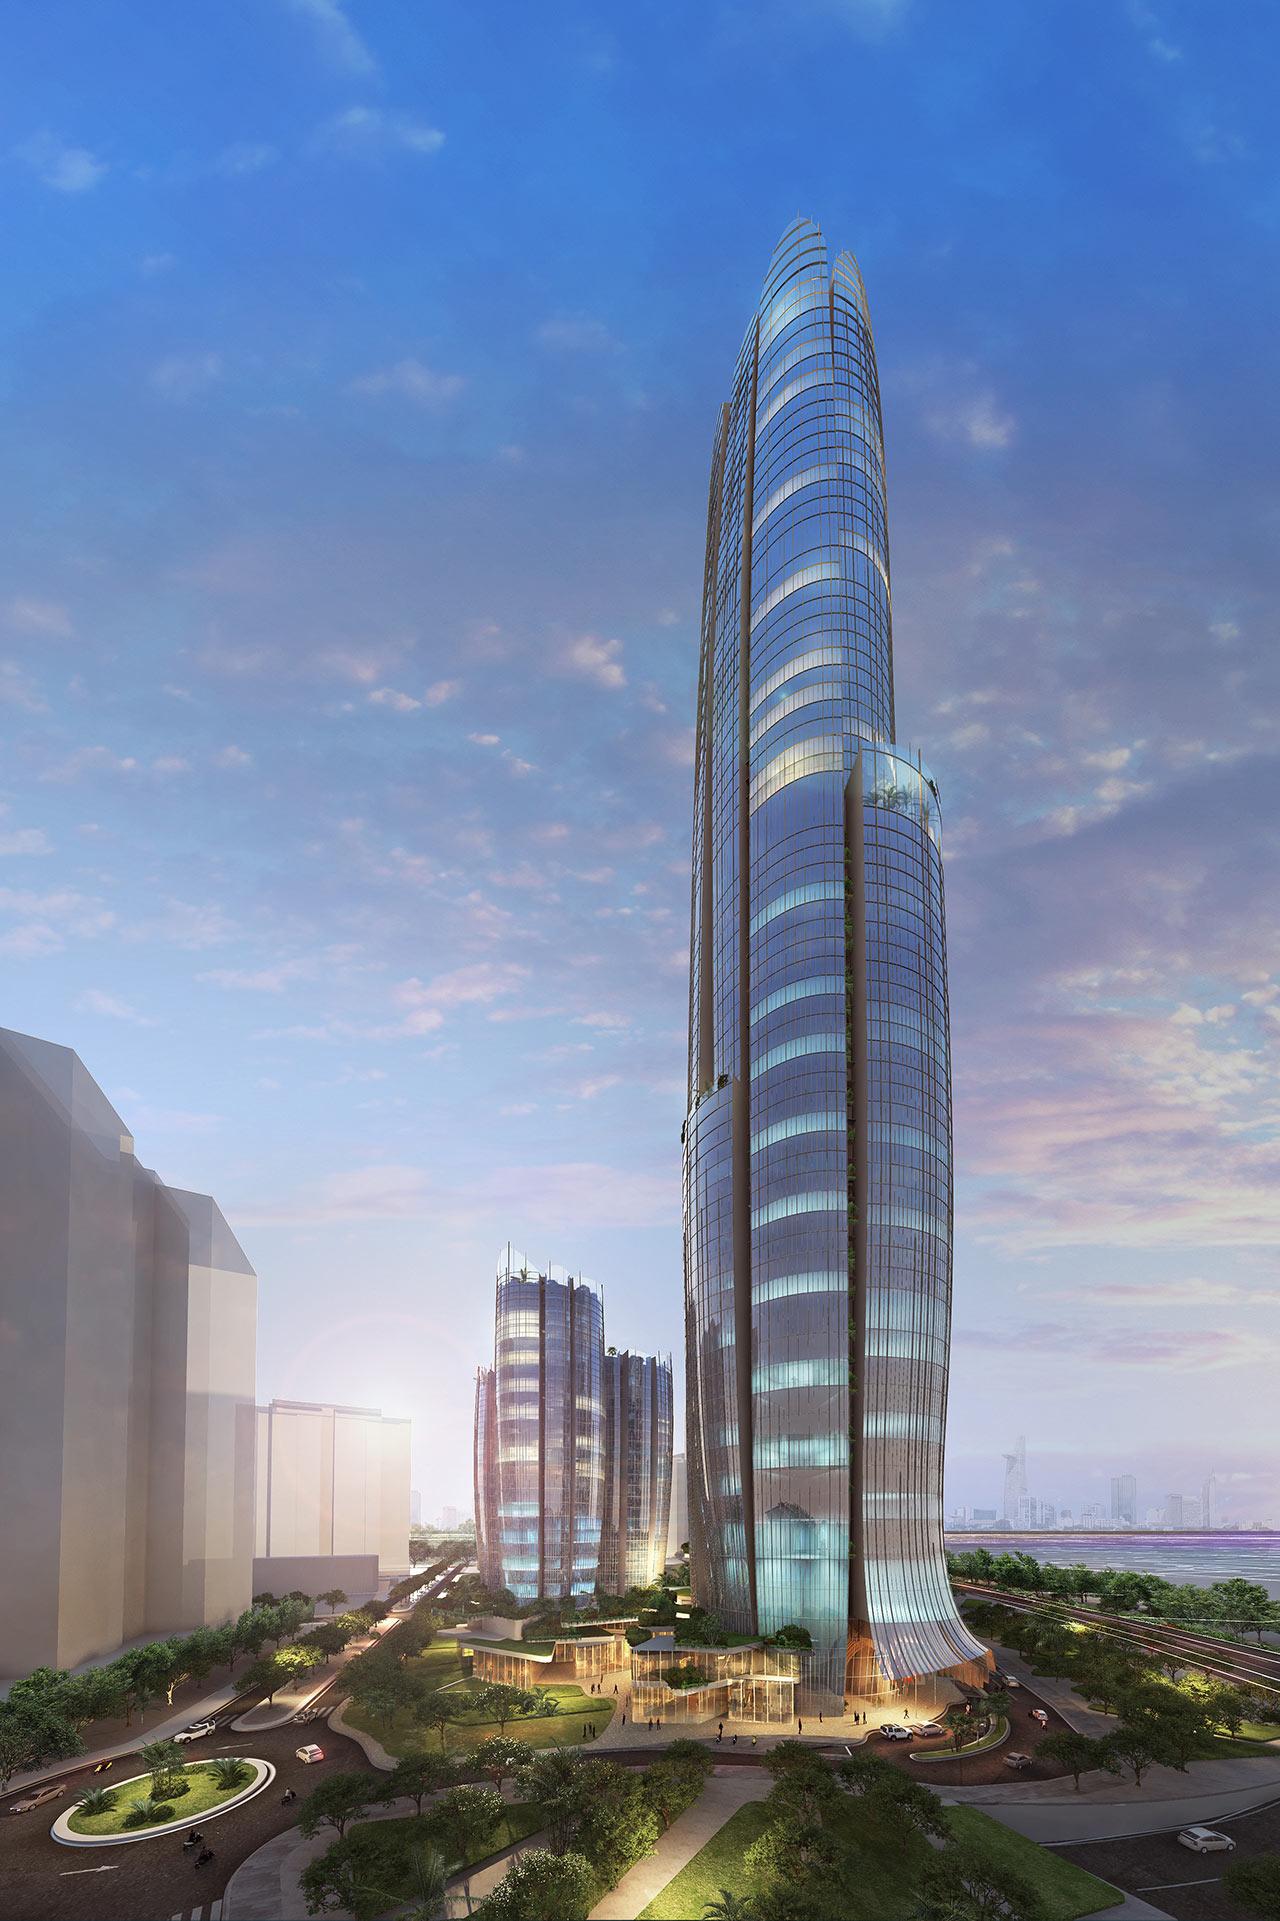 Phối cảnh khách sạn Hyatt Place & Hyatt House thuộc dự án Eco Green Sài Gòn.